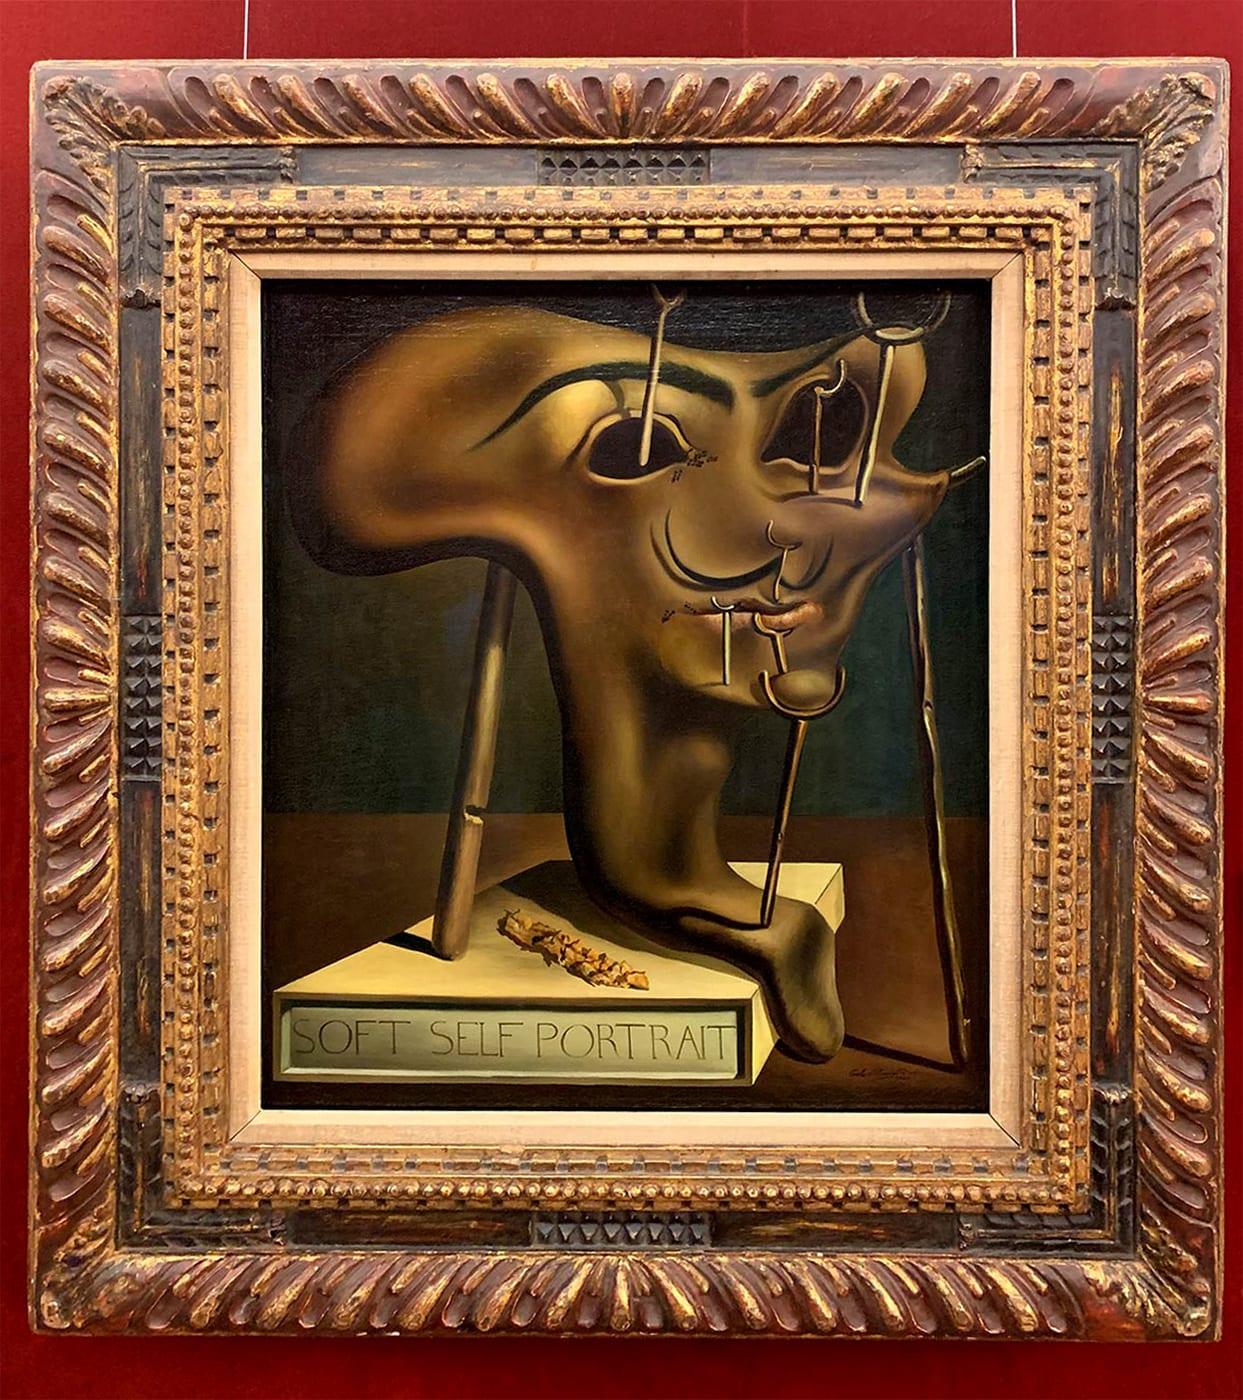 Le grand triangle de Dalí - la Costa Brava surréaliste, théâtre-musée Dalí Figueres